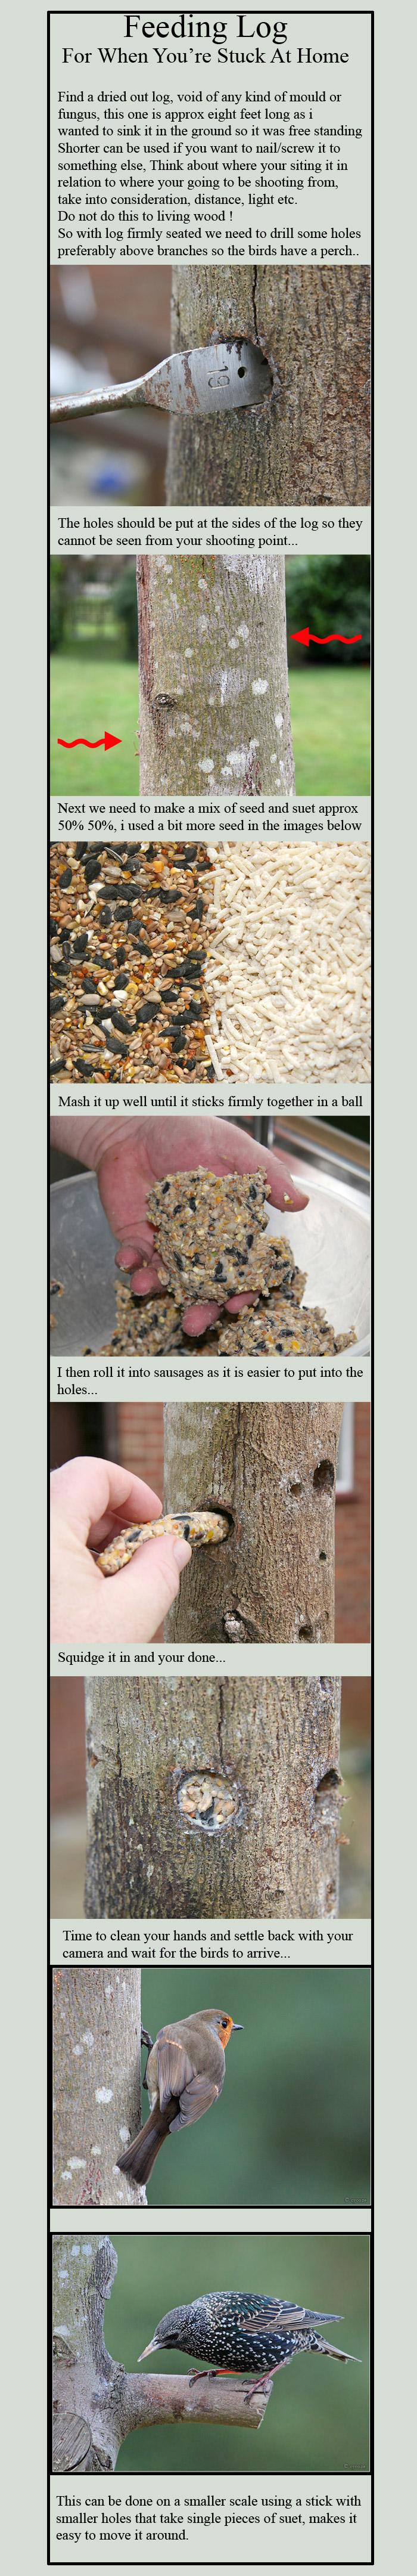 Bird Feeding Log Tutorial by cycoze